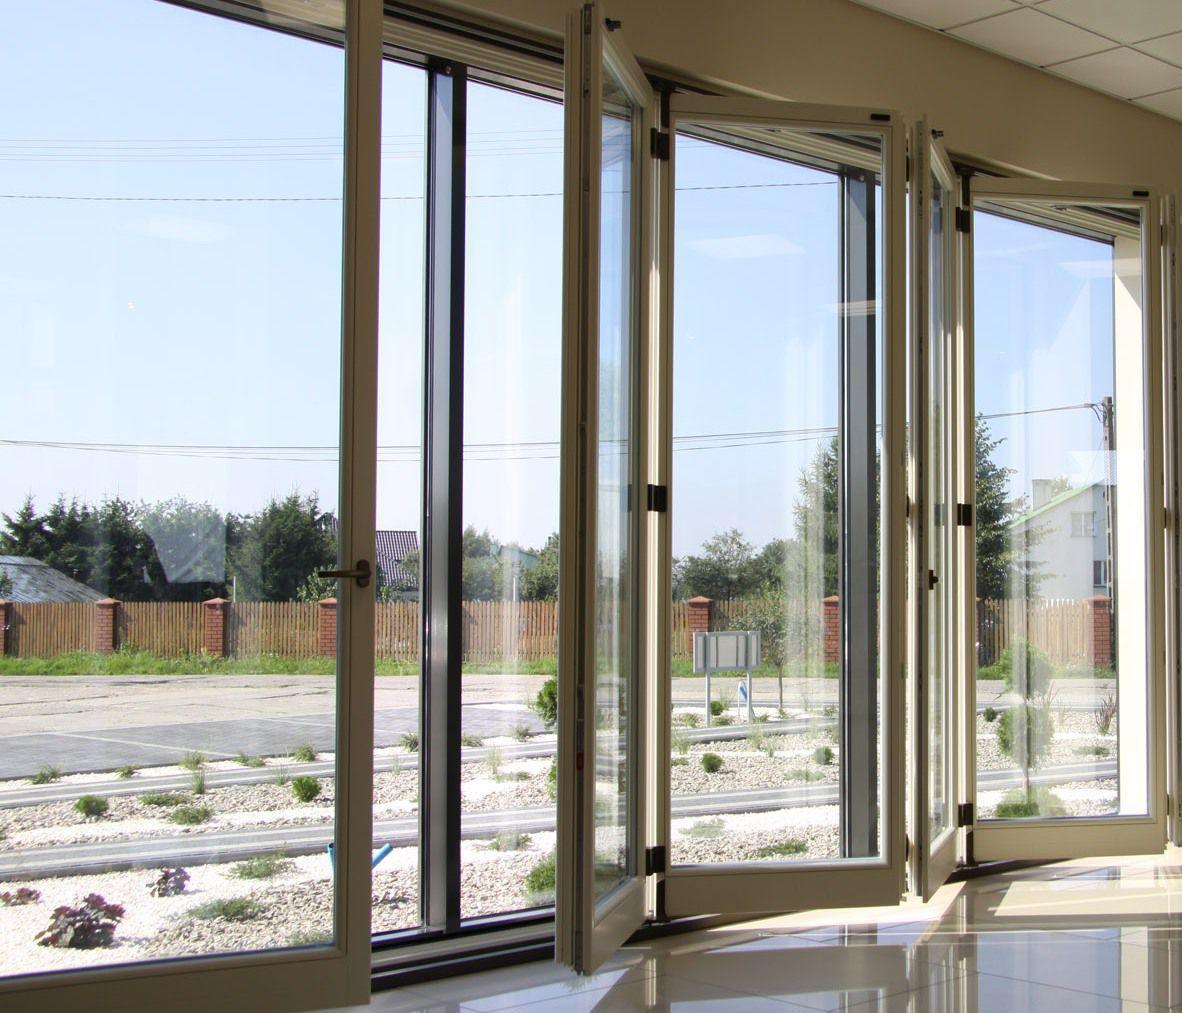 Baie Vitrée Pliante En Accordéon Prix baie vitrée coulissante-empilable / pliante / en aluminium